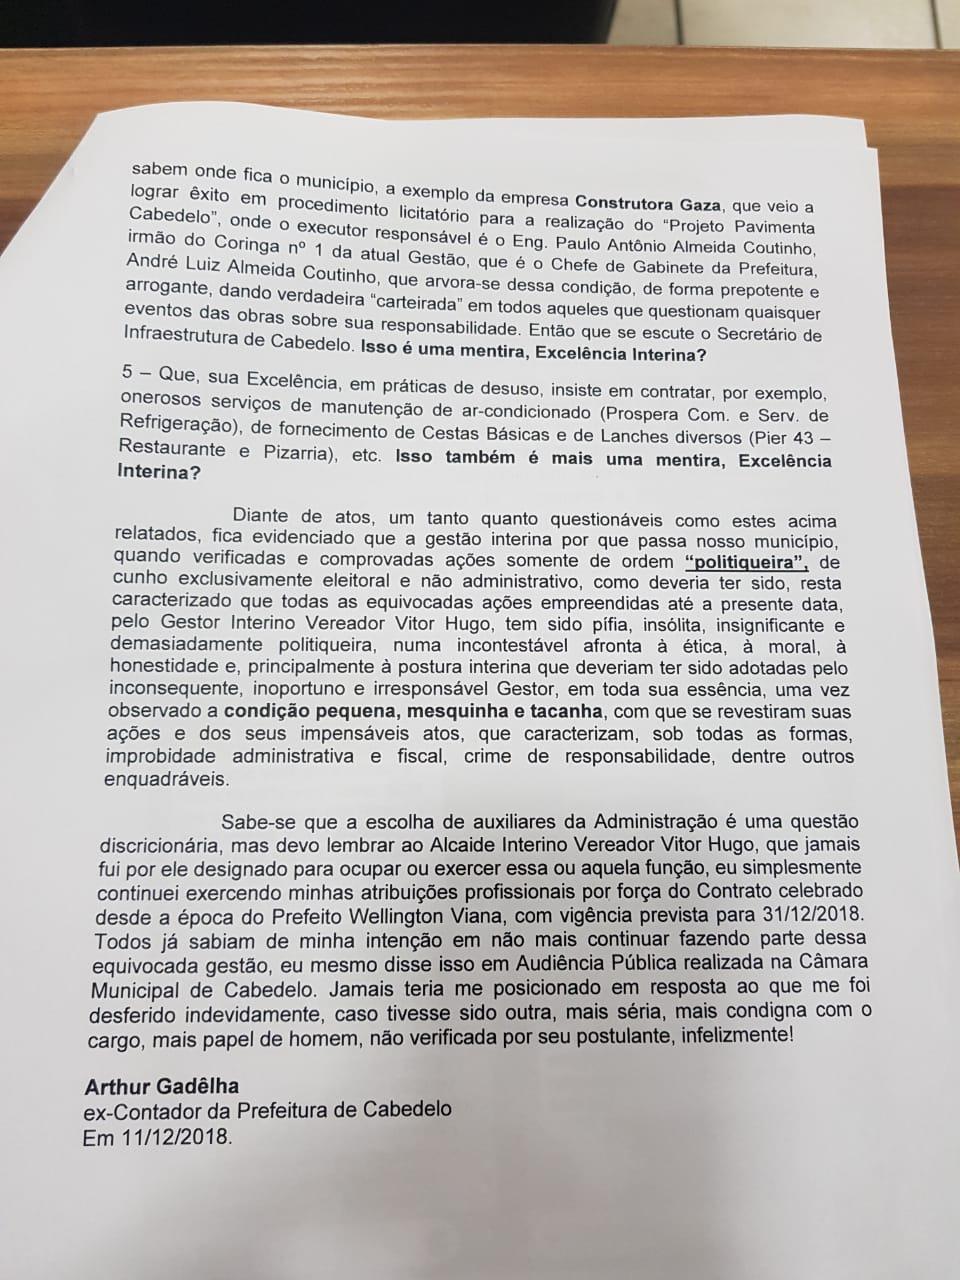 WhatsApp Image 2018 12 11 at 21.28.39 1 - 'Inconsequente, inoportuno e irresponsável gestor': contador da prefeitura de Cabedelo denuncia ação de intimidação tomada por Vitor Hugo